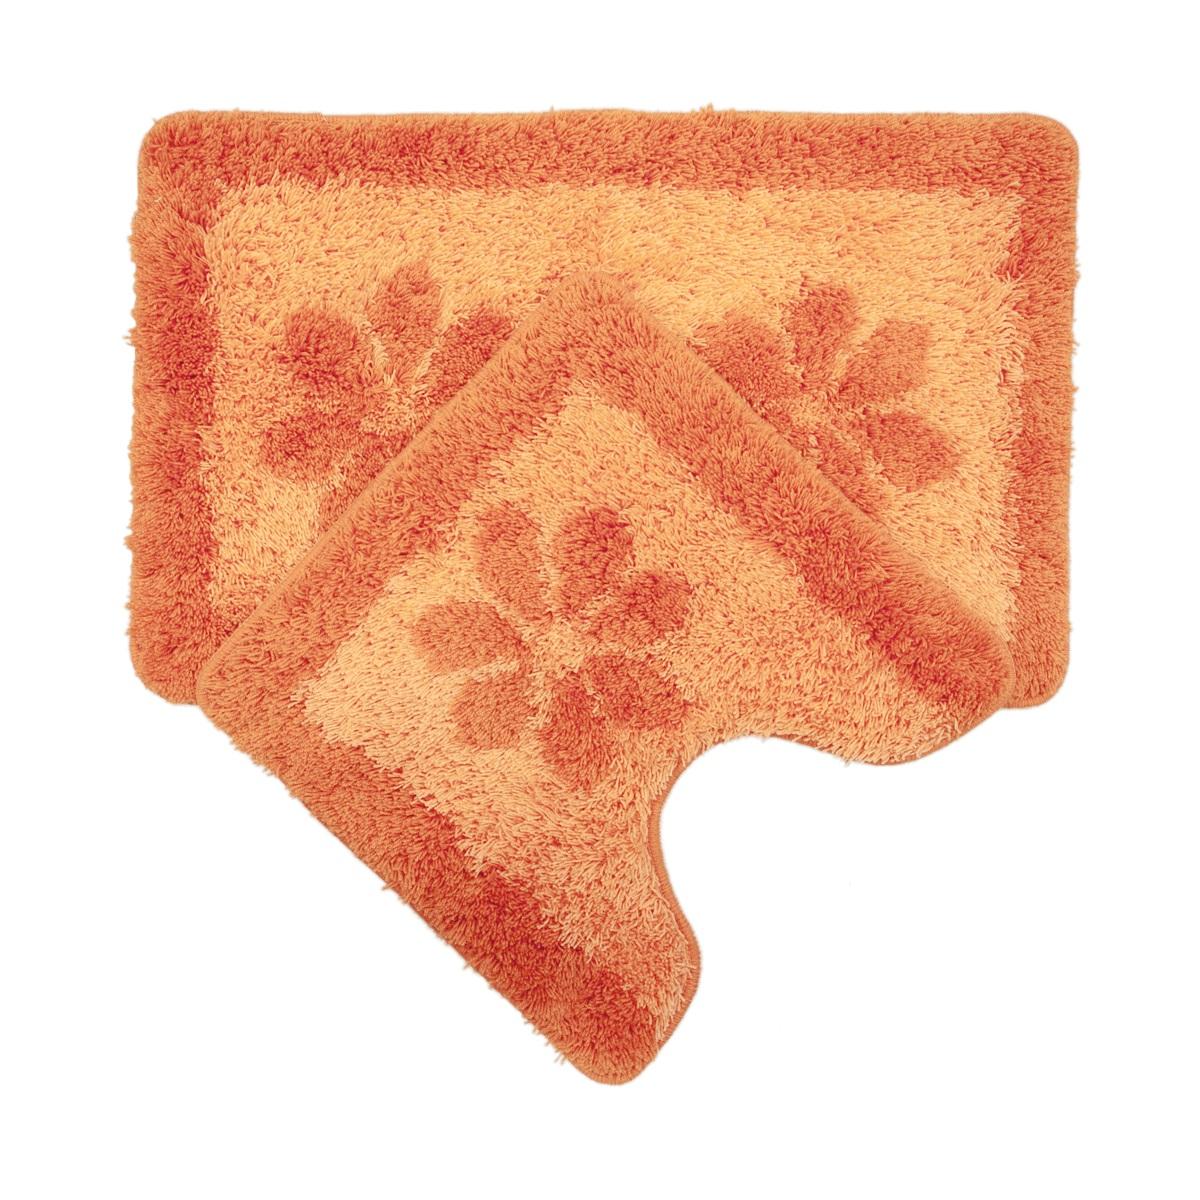 Набор ковриков для ванной Iddis Paloma Art, цвет: оранжевый, 50 х 80 см, 50 х 50 см, 2 шт042A580i13Набор ковриков для ванной комнаты и туалета Iddis выполнен из 100% акрила. Коврики имеют специальную латексную основу, благодаря которой они не скользят на напольных покрытиях в ванной, что обеспечивает безопасность во время использования. Коврики изготавливаются по специальным технологиям машинного ручного тафтинга, что гарантирует высокое качество и долговечность.Высота ворса: 2,5 см.